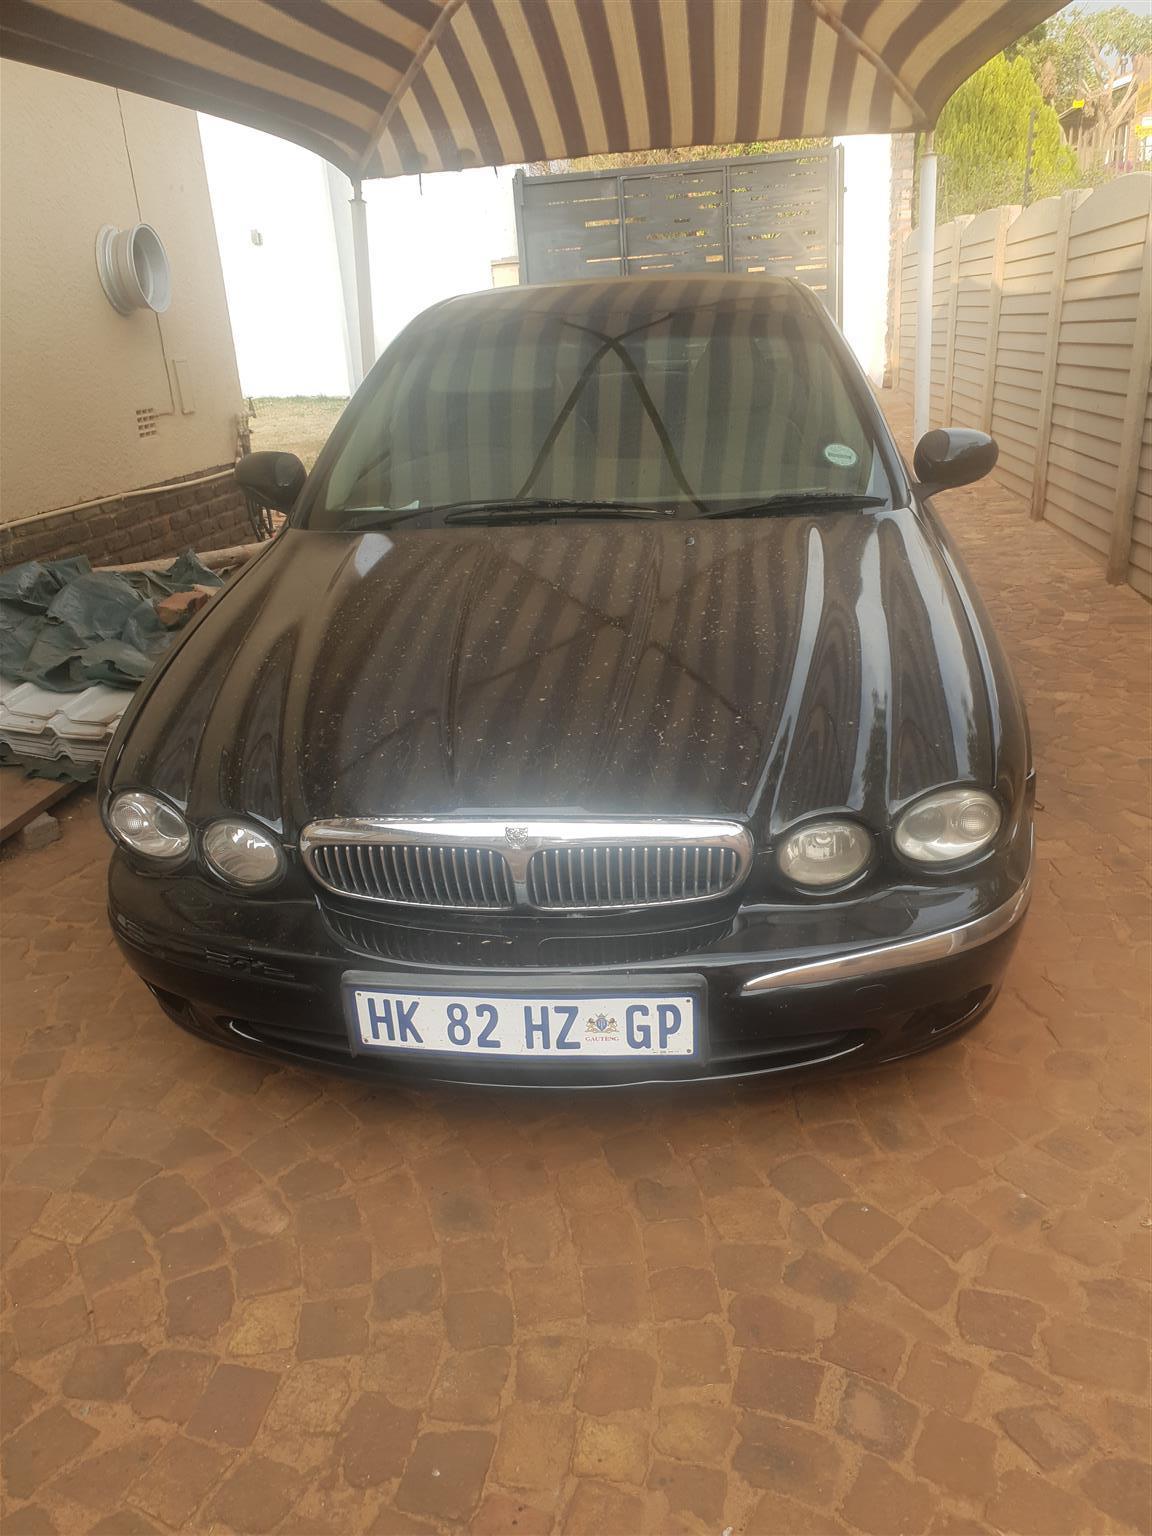 2006 Jaguar X-Type 2.0 SE automatic